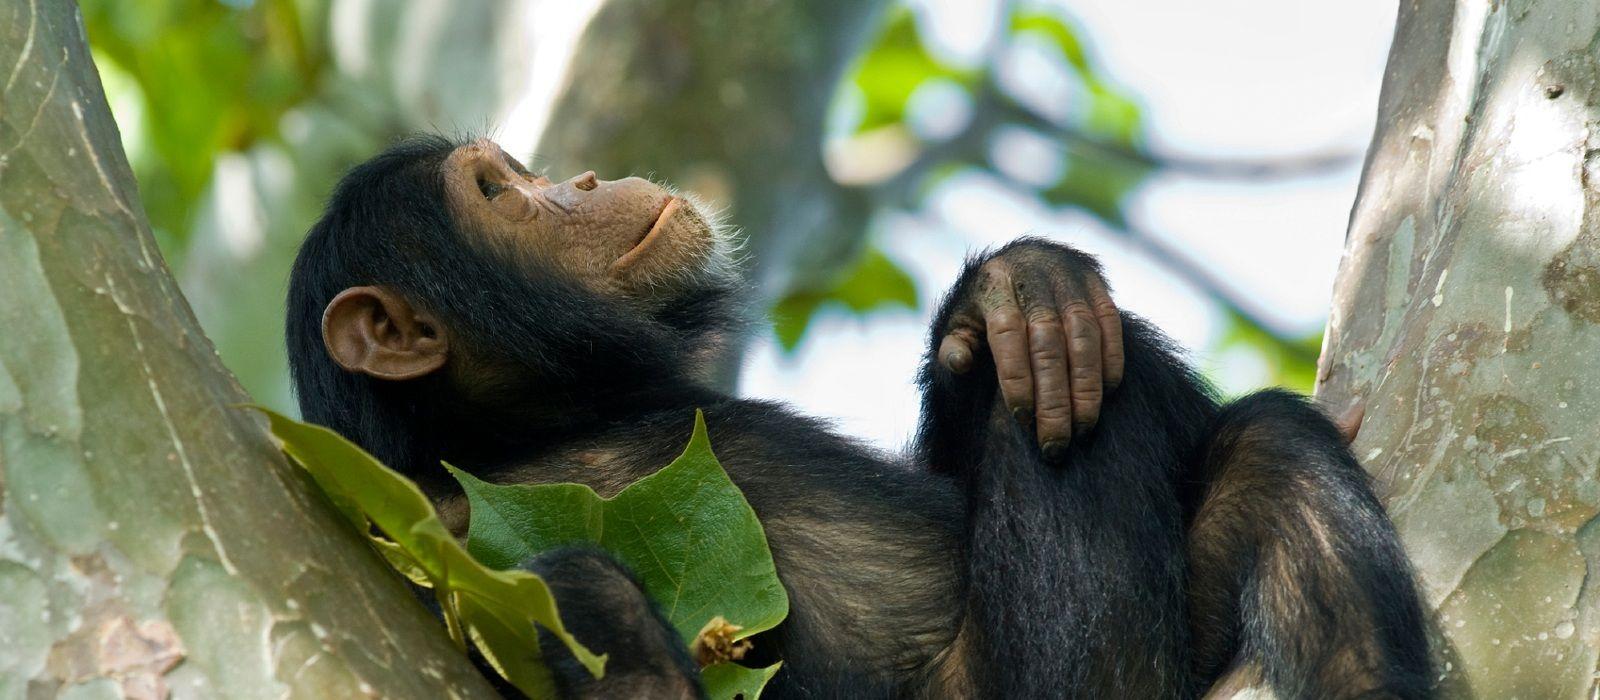 Ruanda Reise: Vulkane, Lake Kivu und Gorilla Trekking Urlaub 6